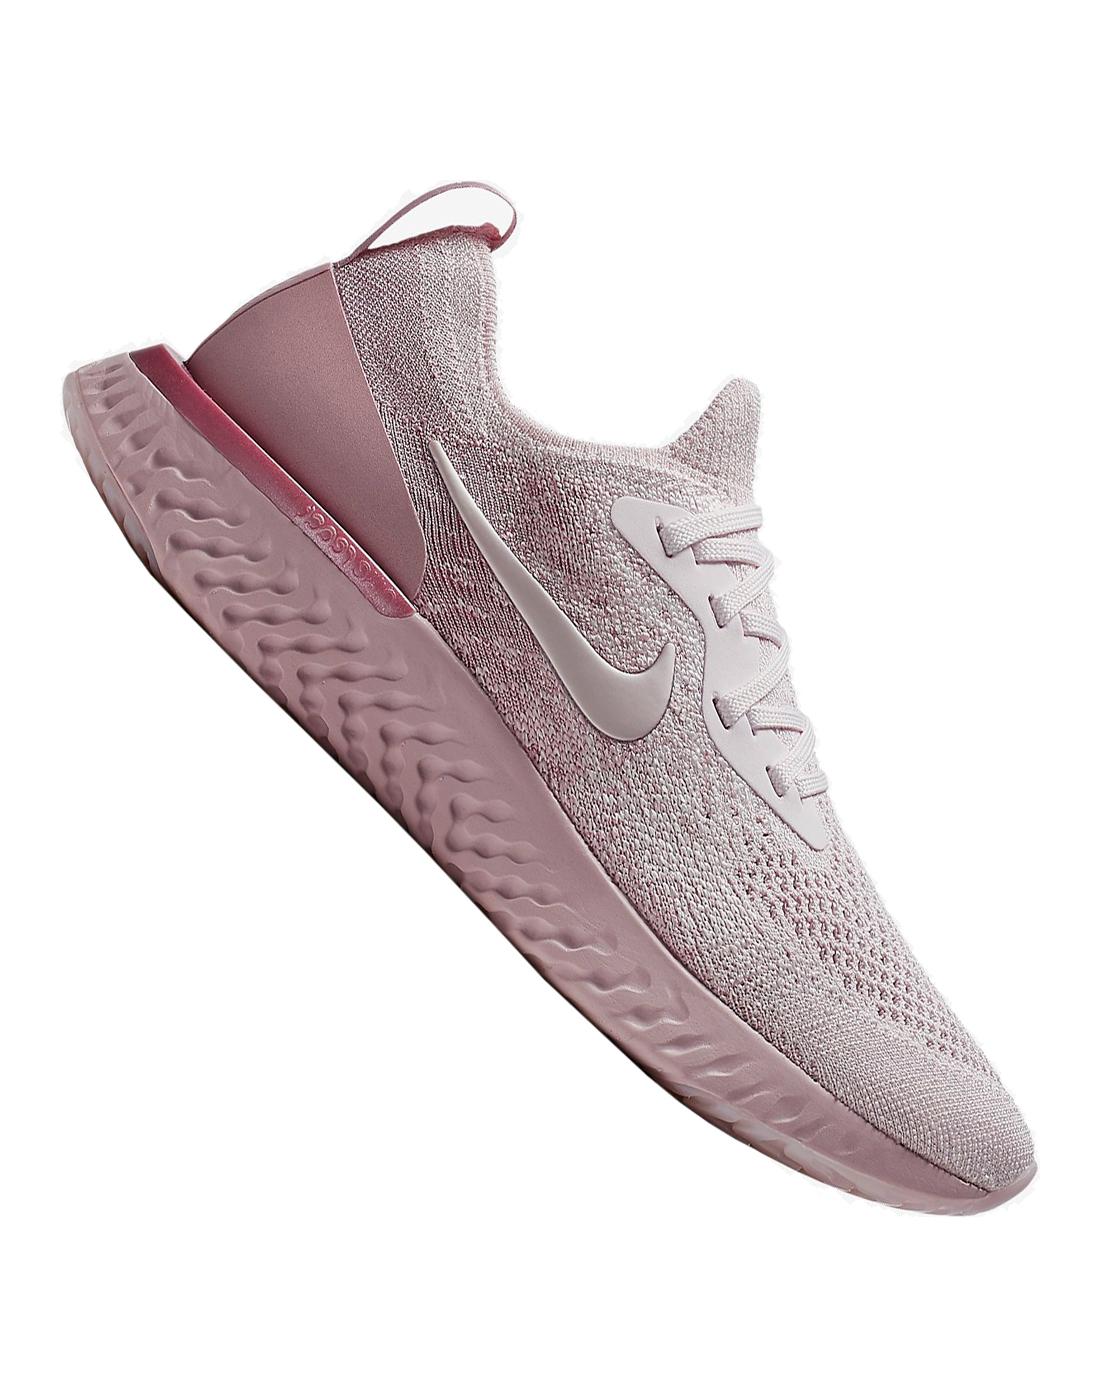 961756aa204 Women s Nike React Running Shoes